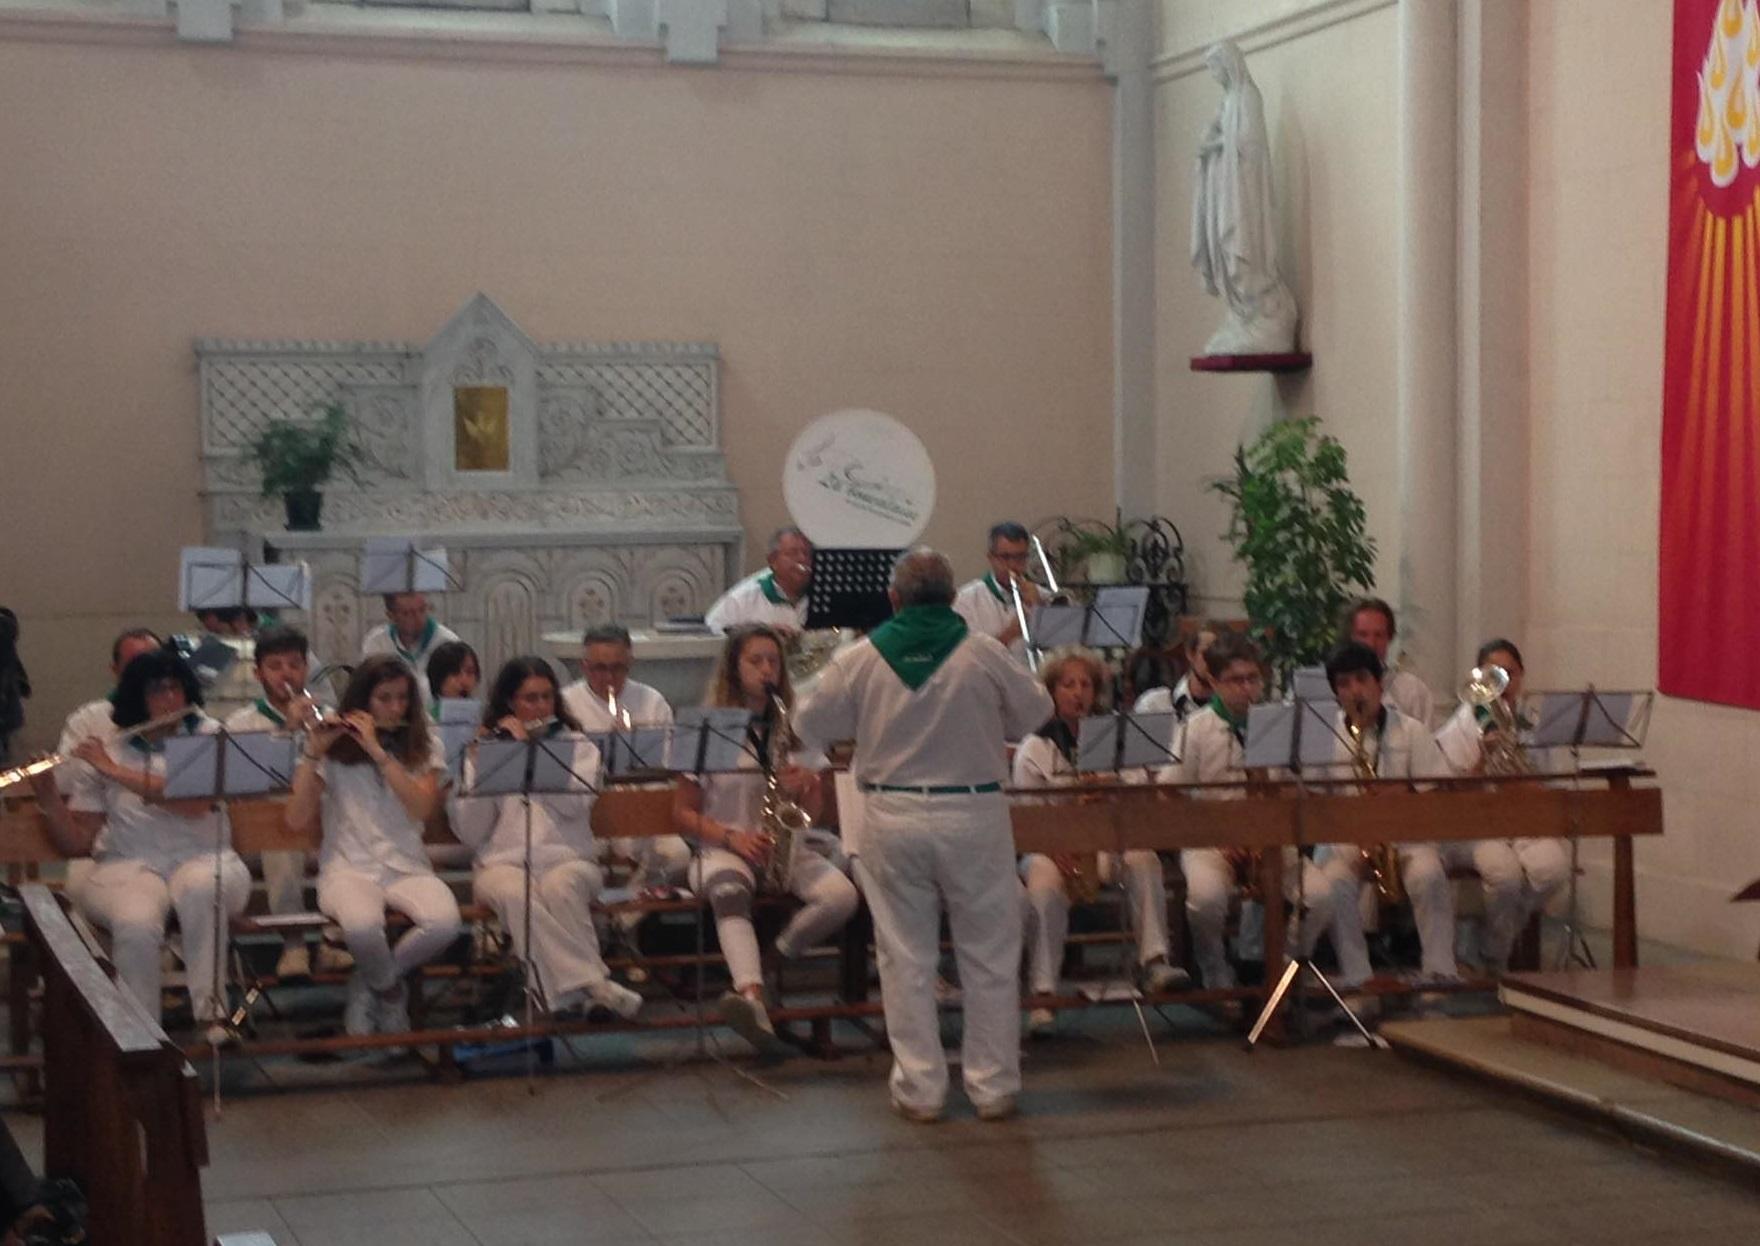 ceremonie religieuse fanfare la-boucalaise musique harmonie bandas